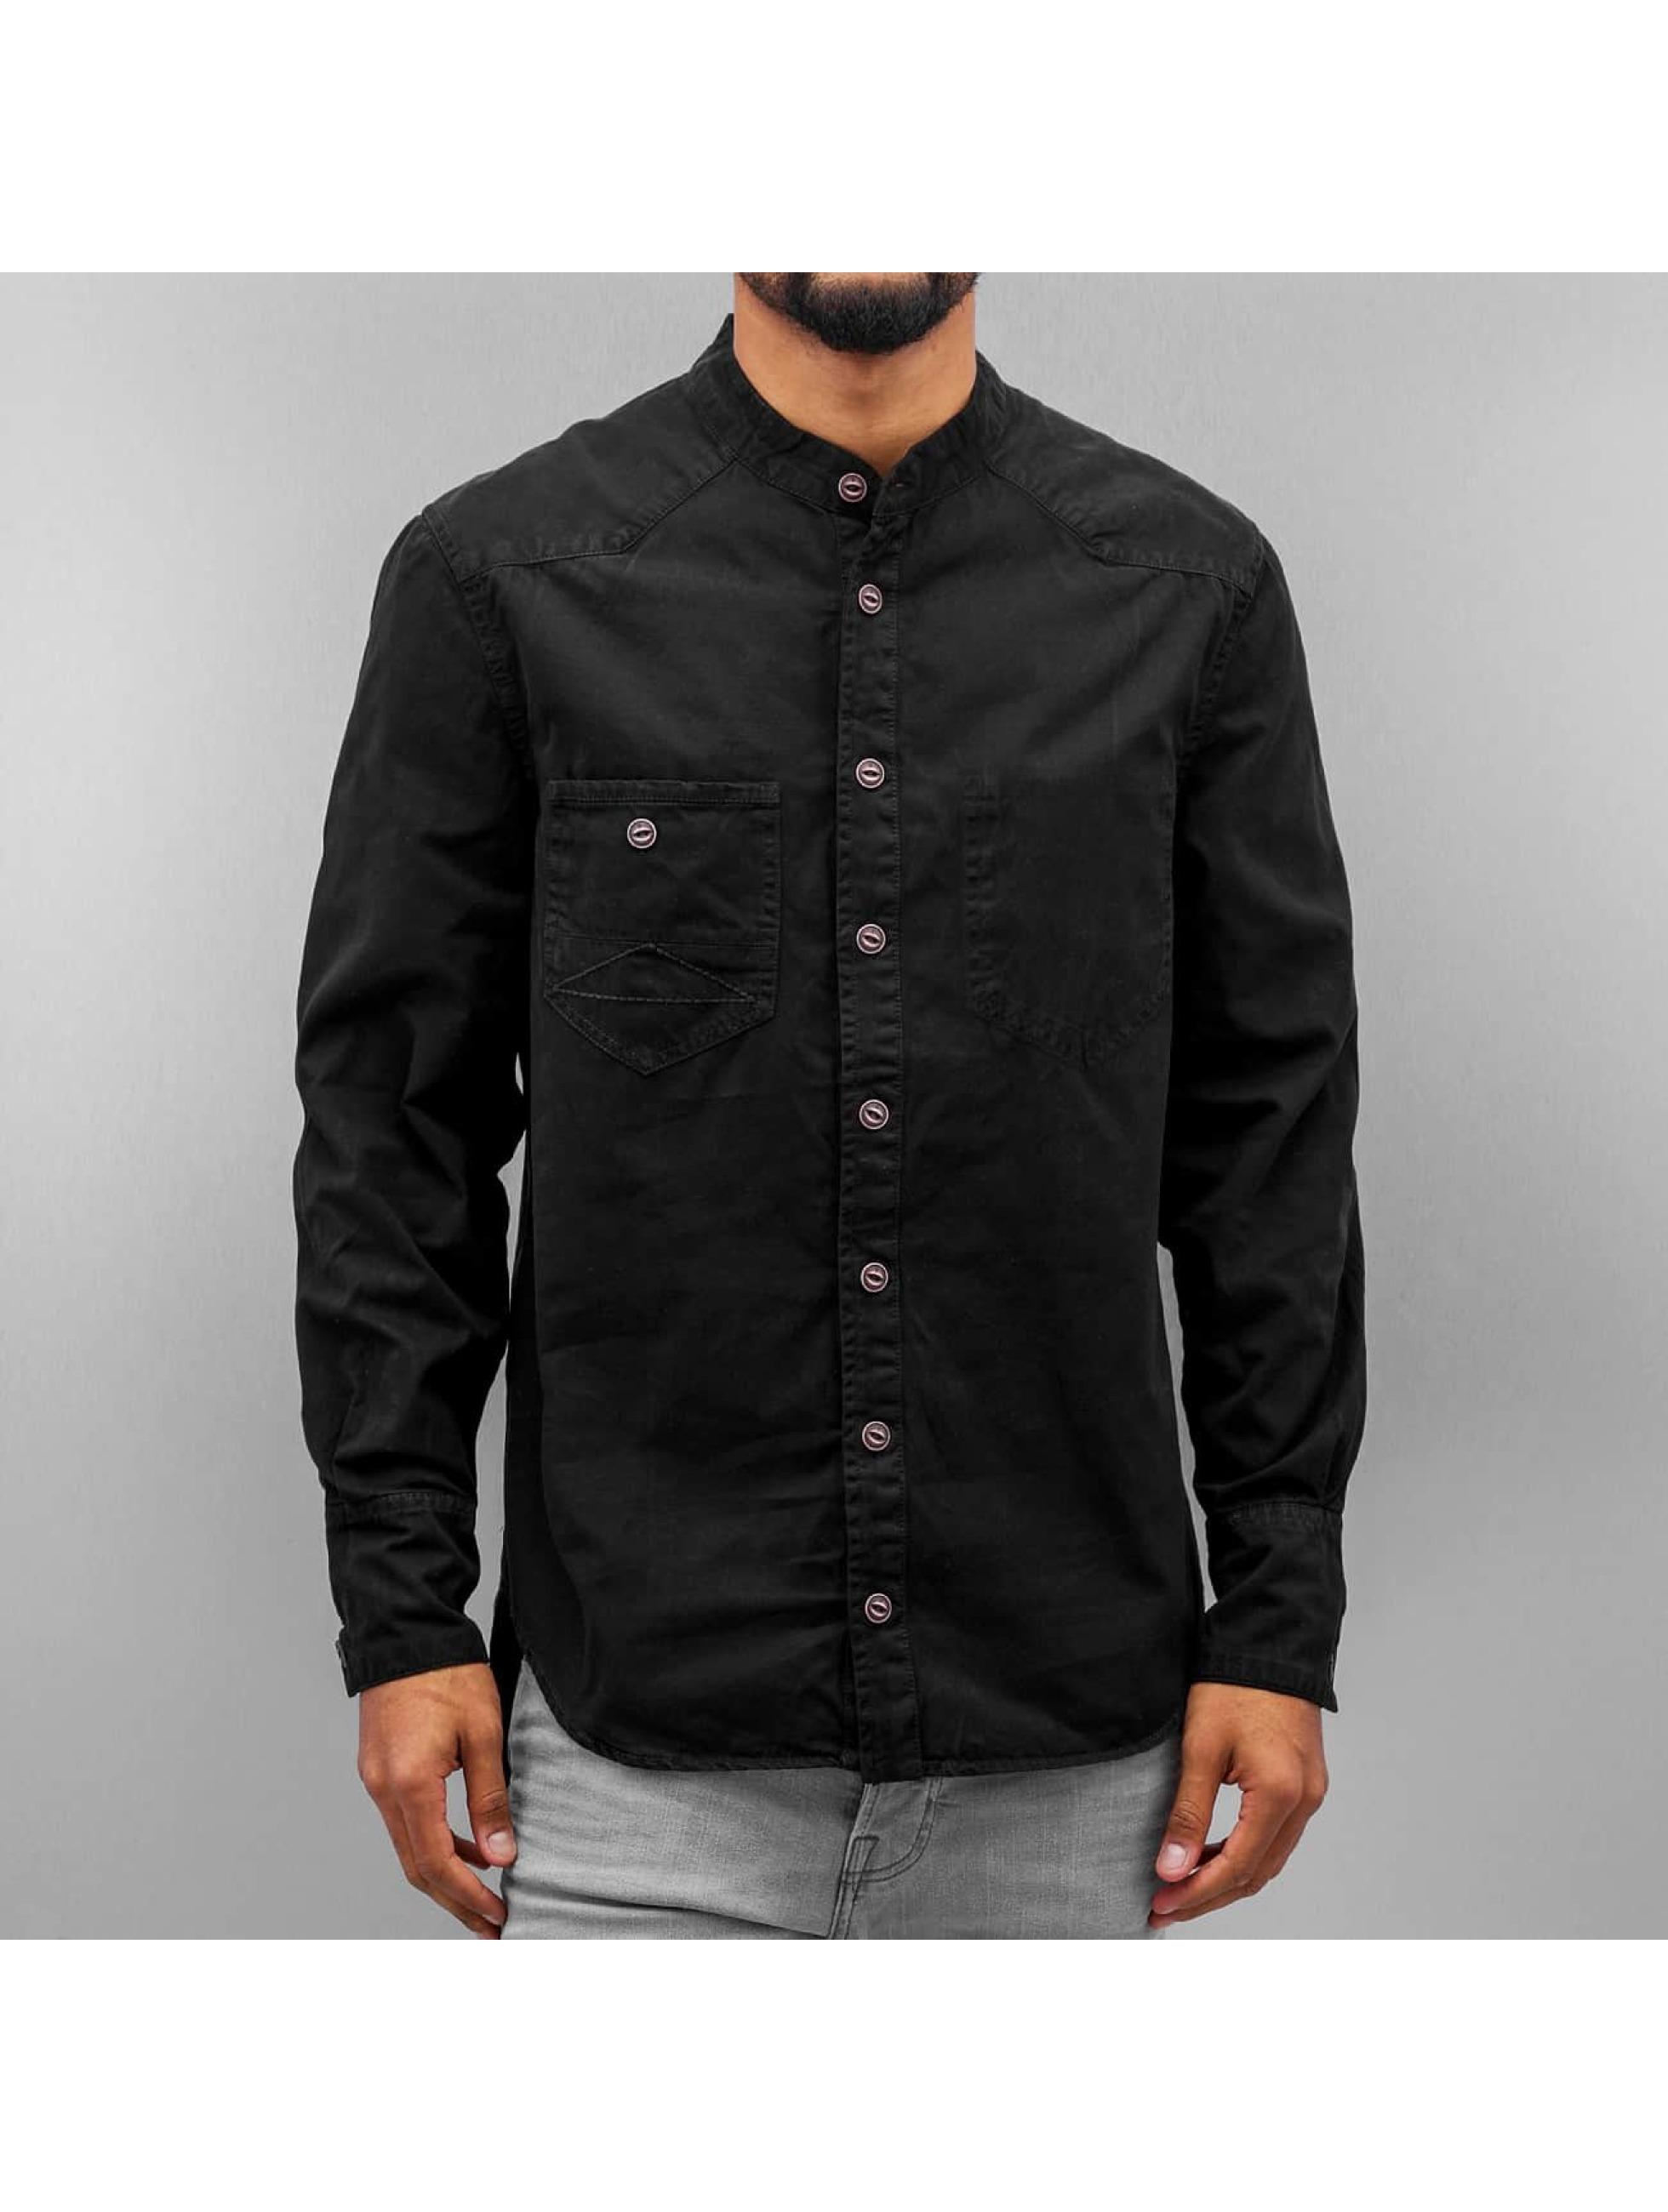 Amsterdenim Männer Hemd Wim in schwarz